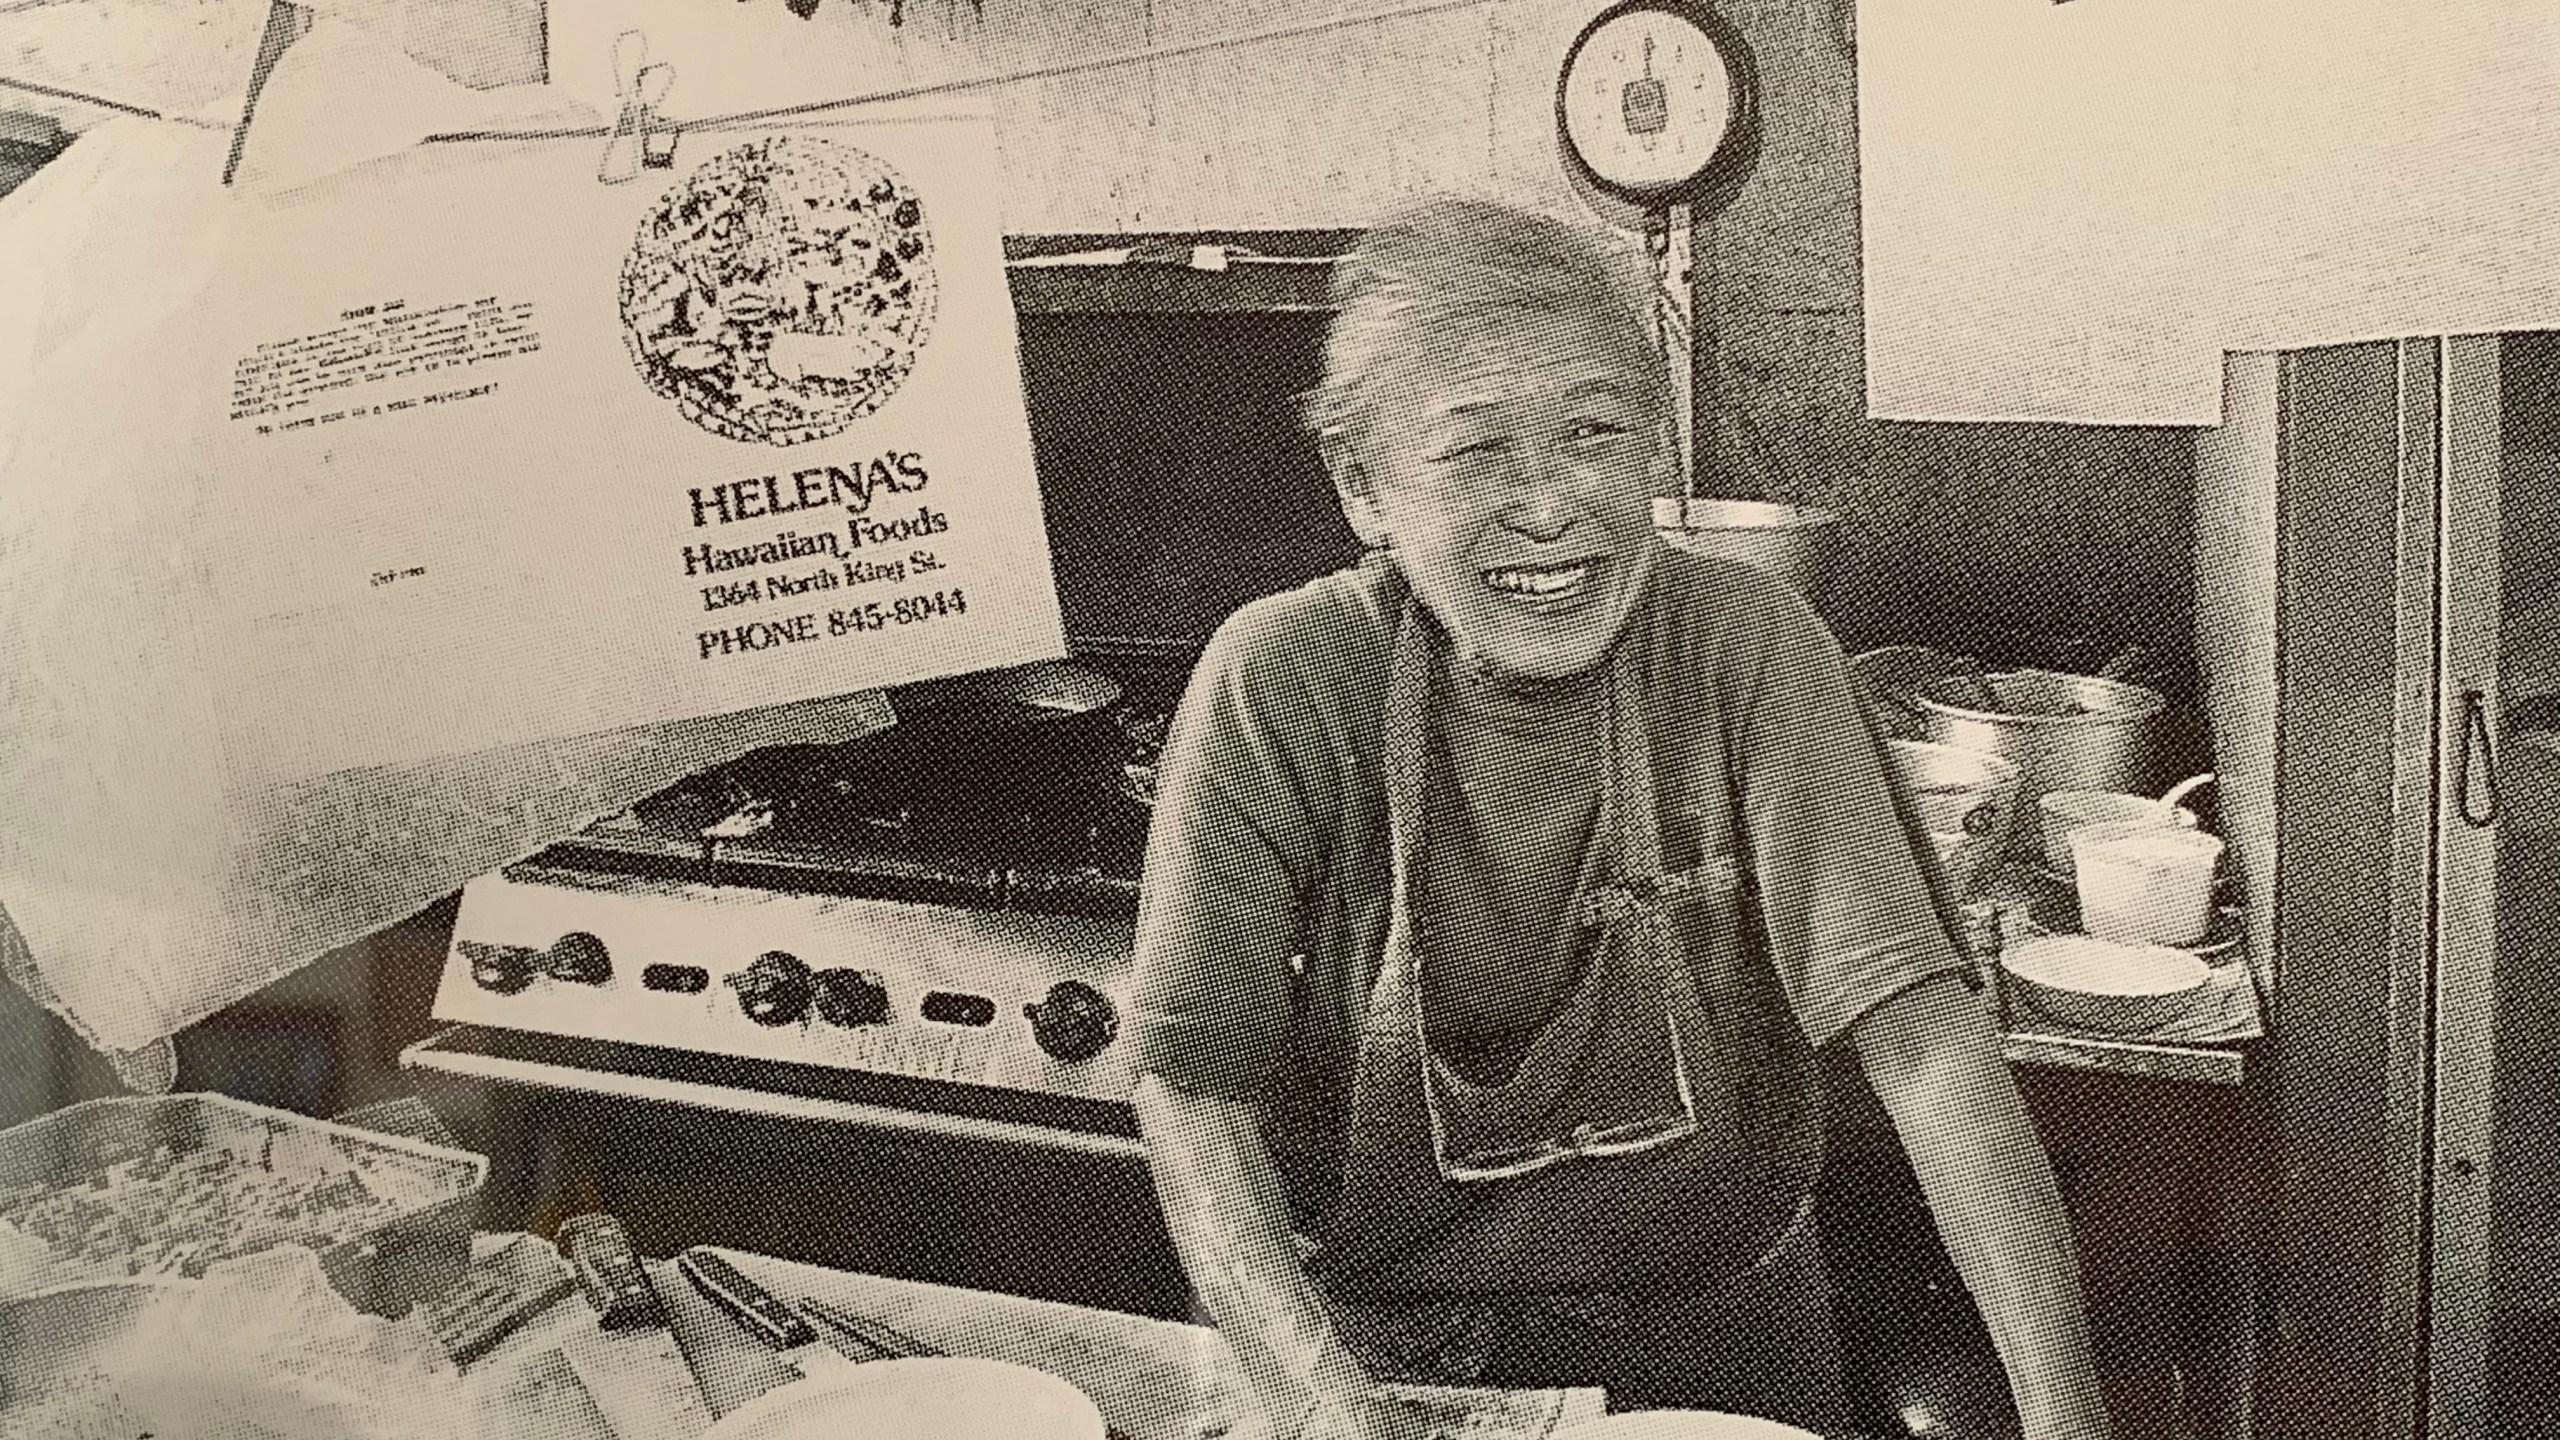 Courtesy: Craig Katsuyoshi / Helenas Hawaiian Food